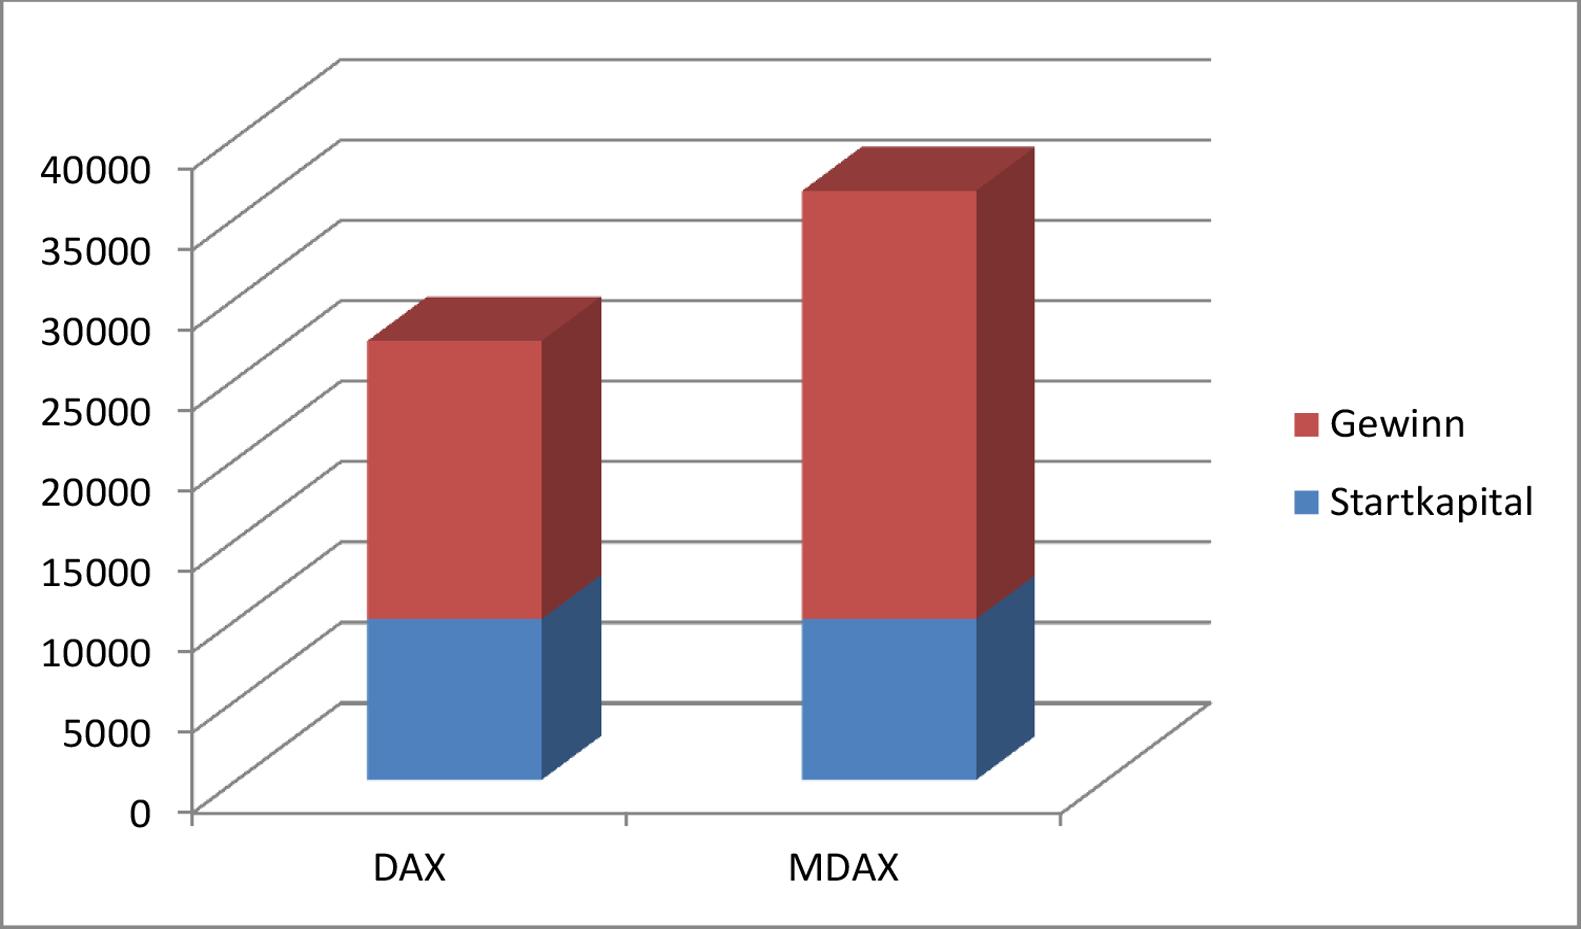 DAX-MDAX